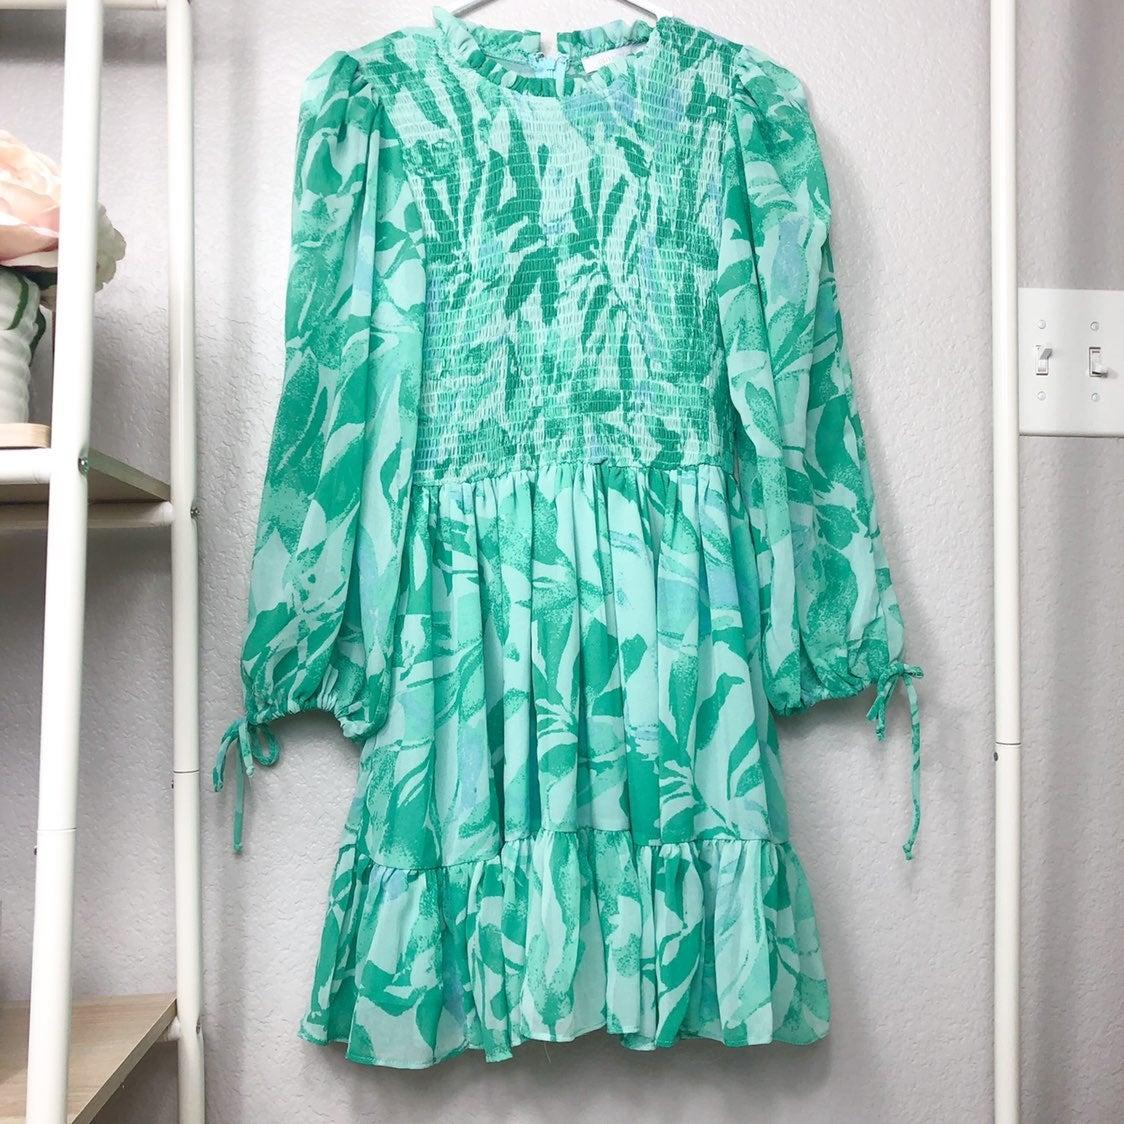 Blue floral print smocked dress